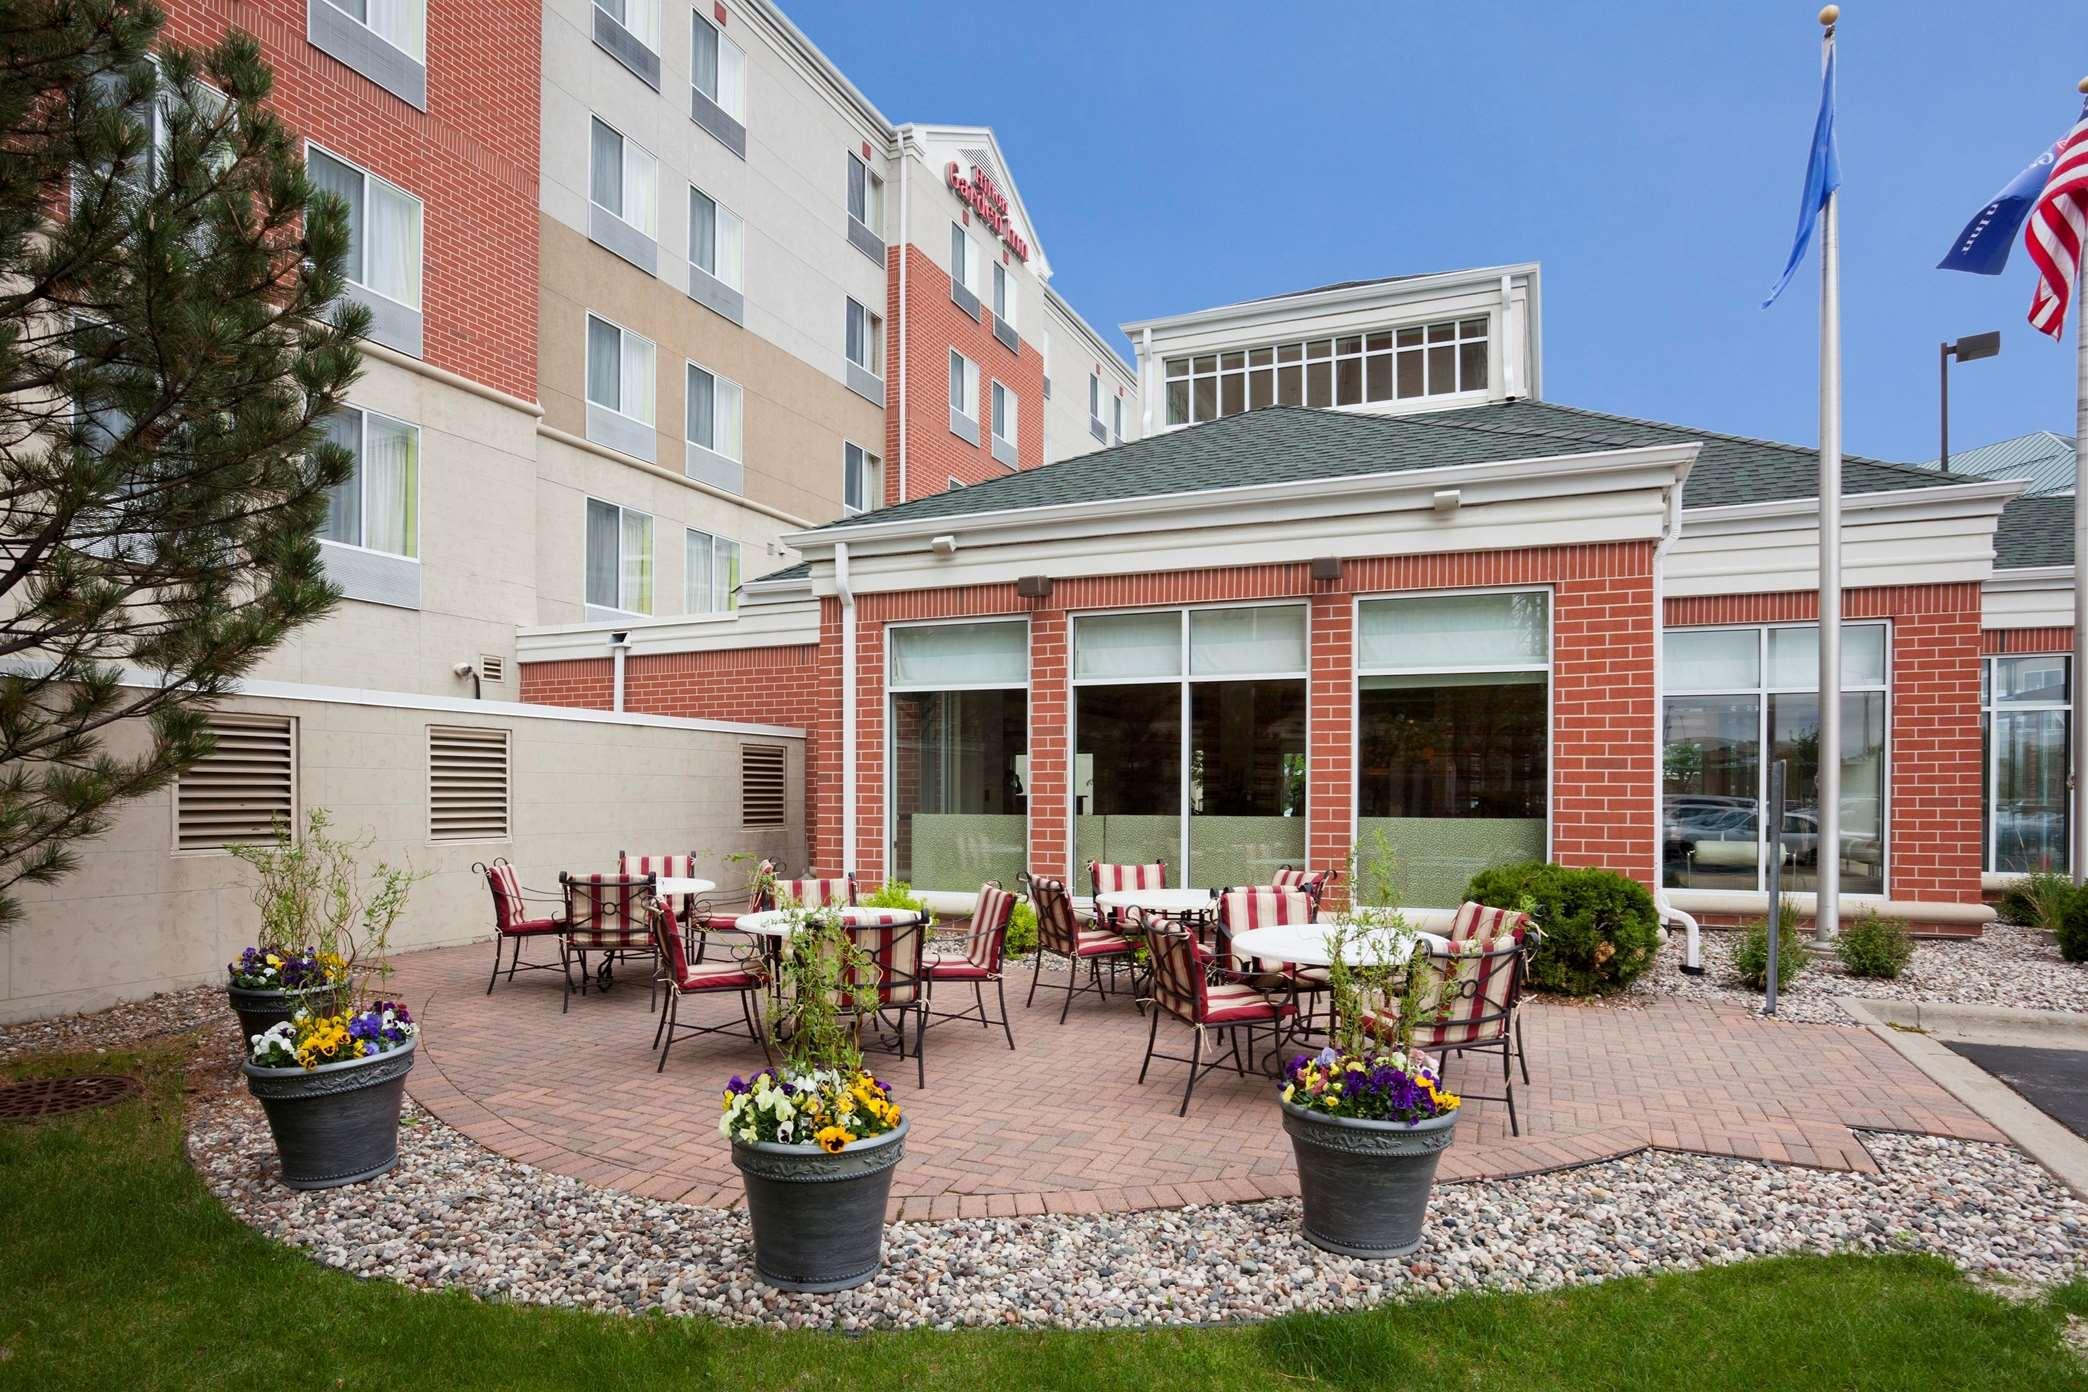 Hilton Garden Inn Minneapolis/Bloomington image 18